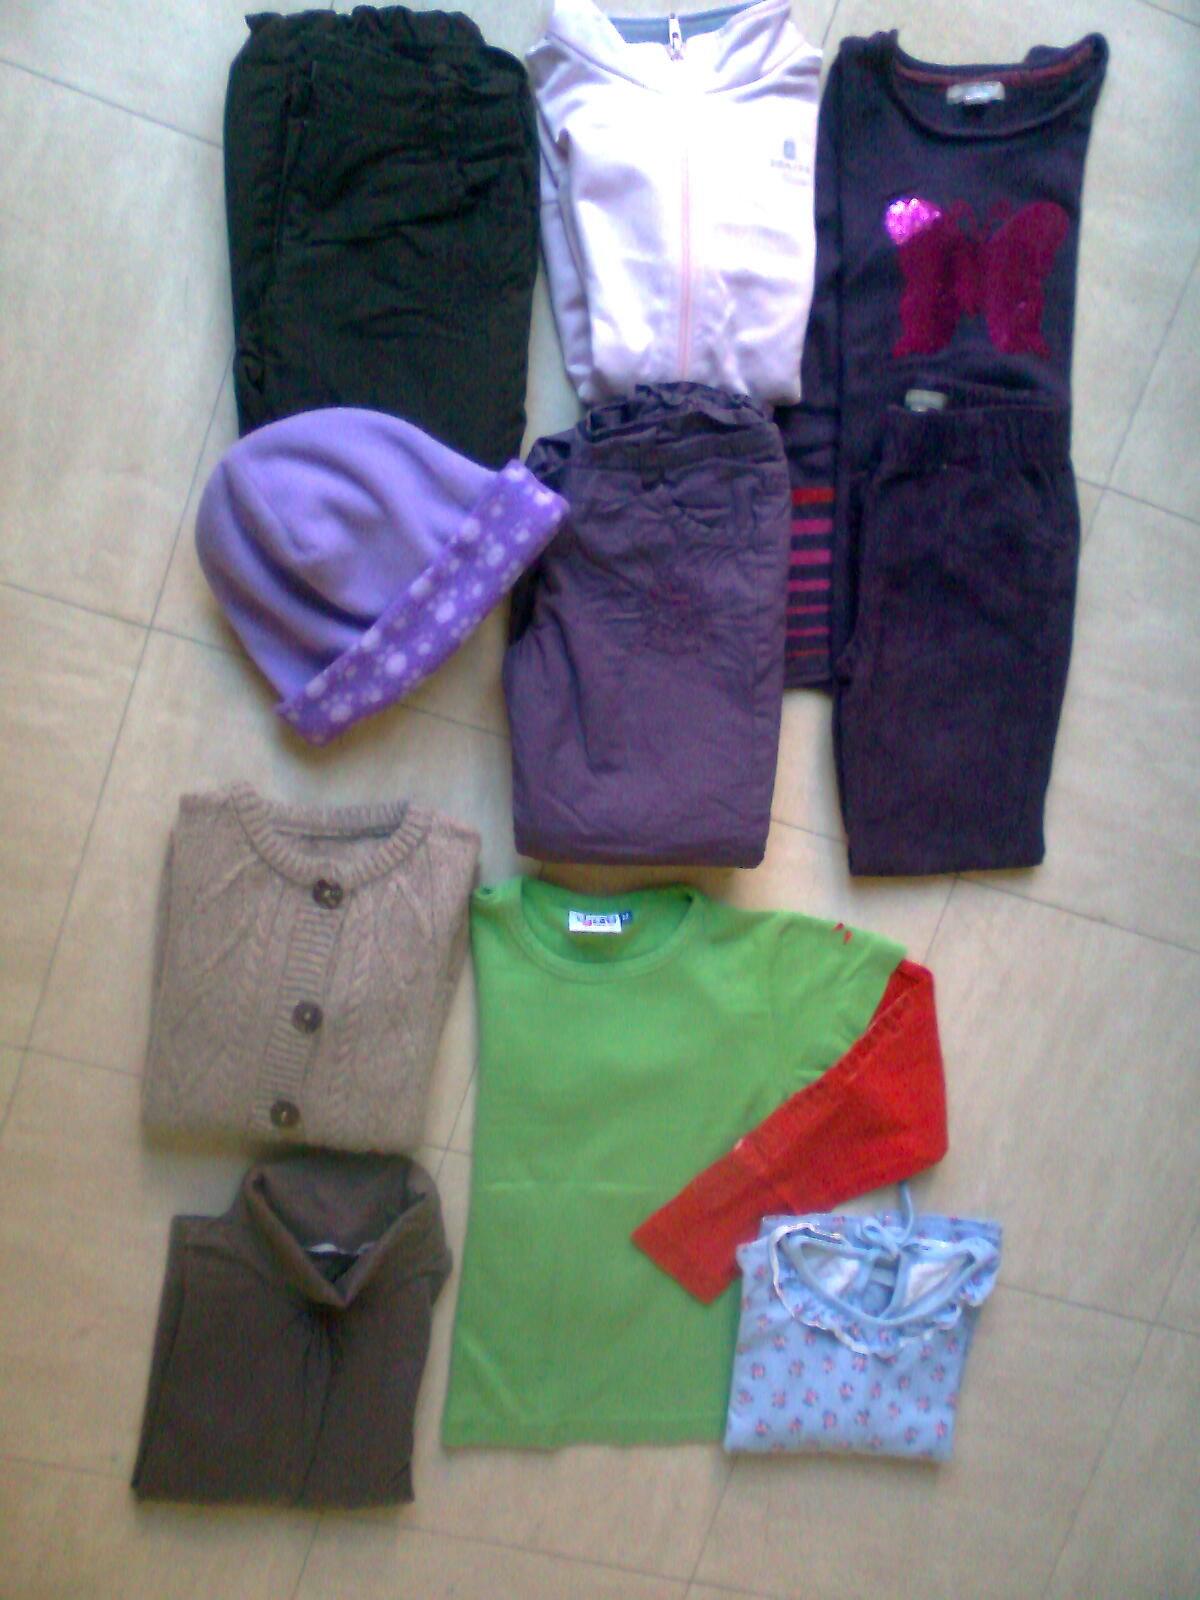 vêtements 5 ans, pantalons, pulls, hauts -zoe 3 Martigues (13)